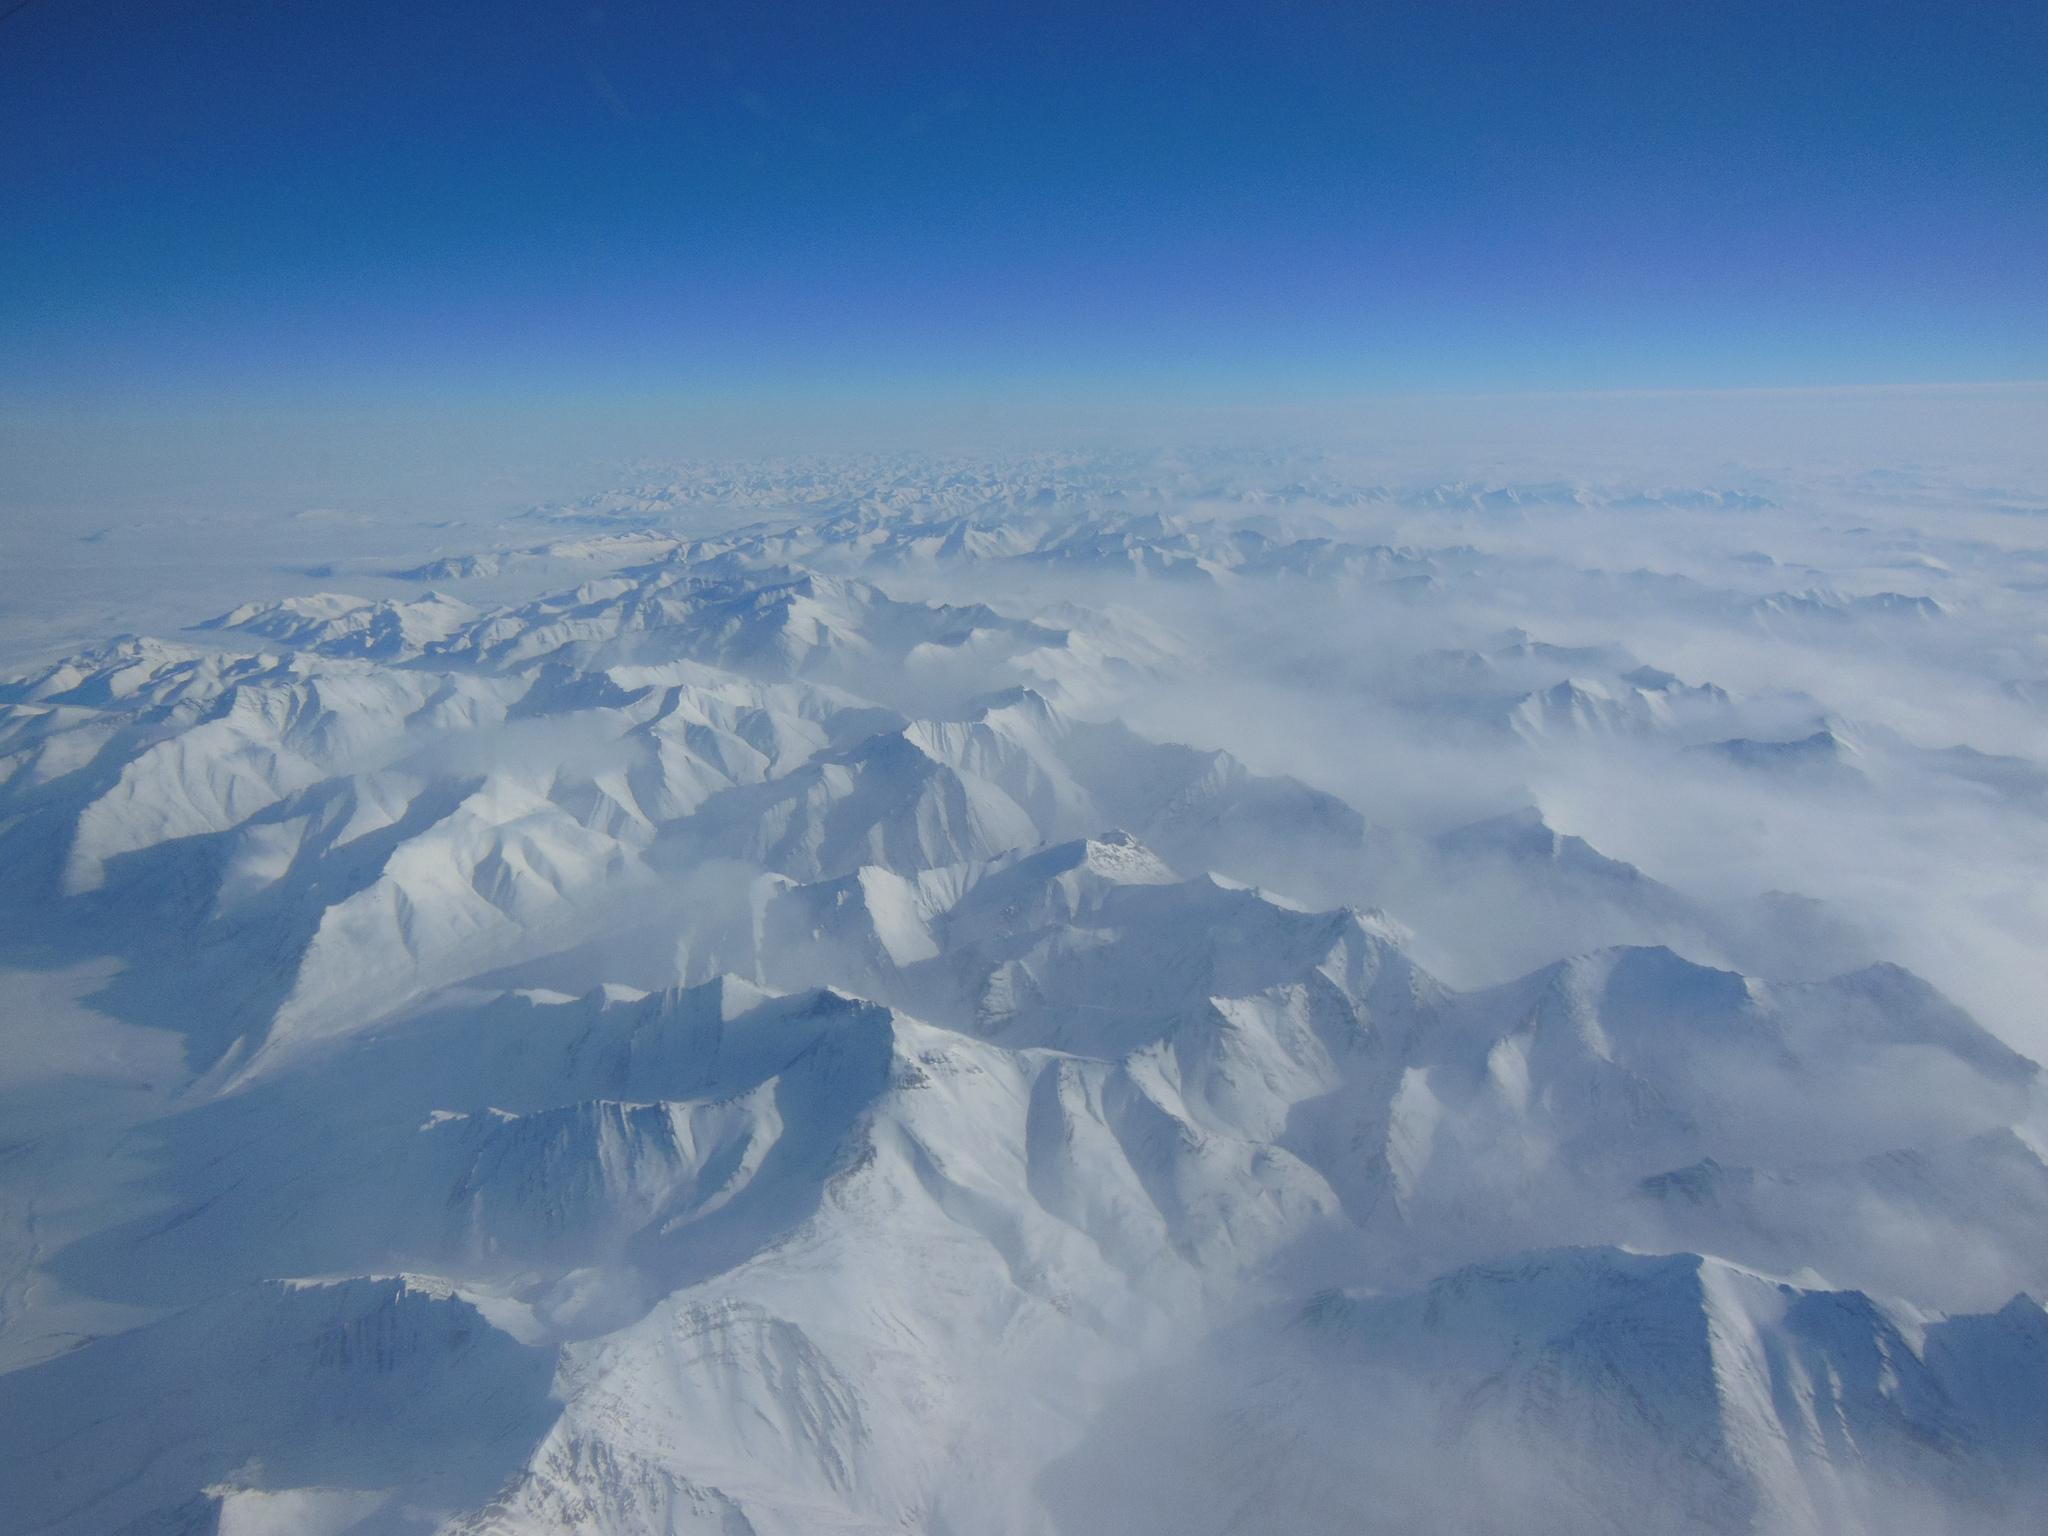 Alaskan Mountains Seen During IceBridge Transit   NASA